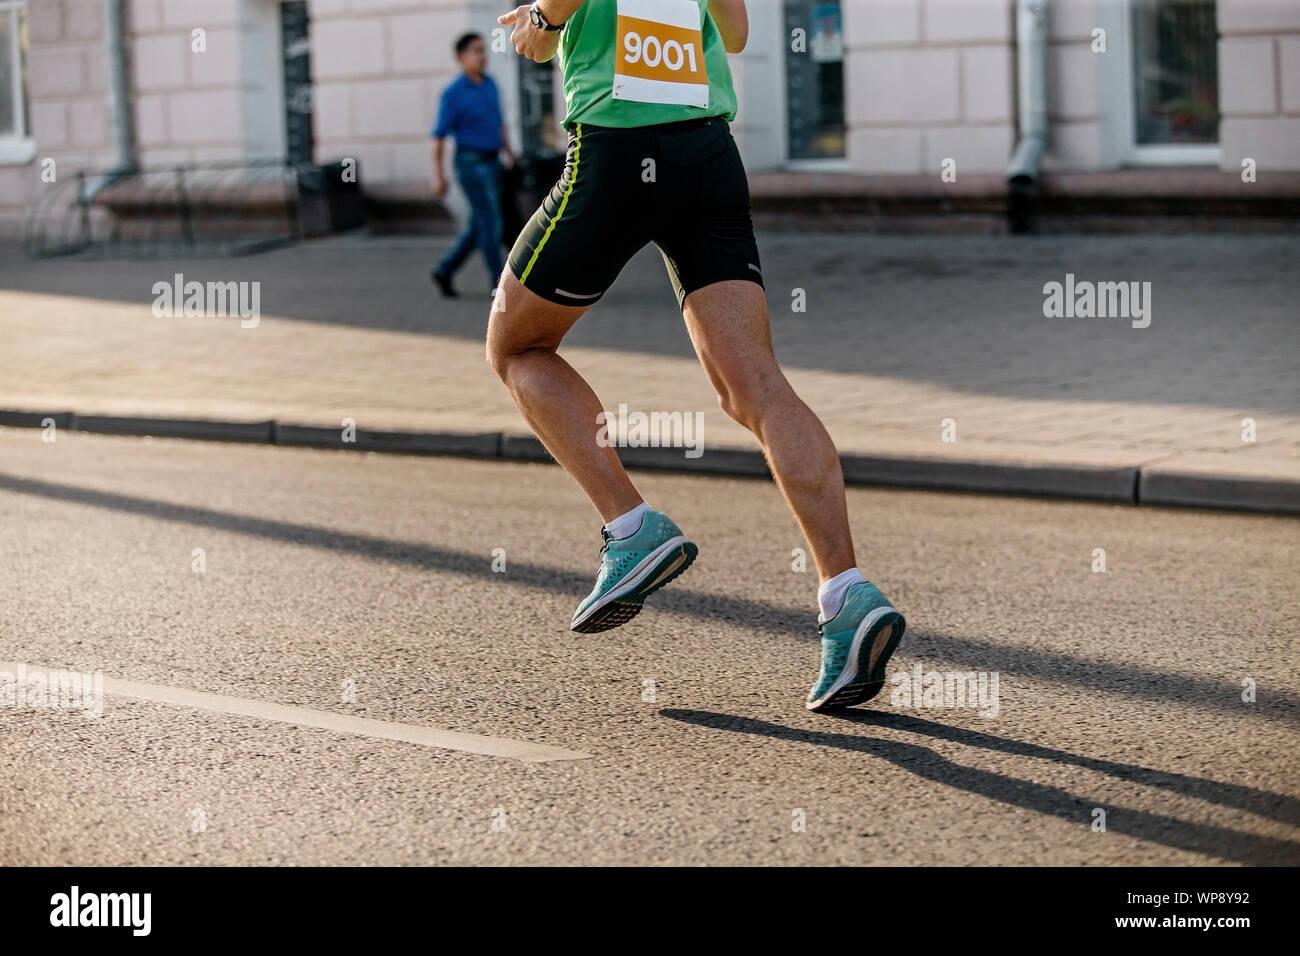 Füße mann Athlet Läufer laufen auf Asphalt in der Stadt Marathon Stockfoto